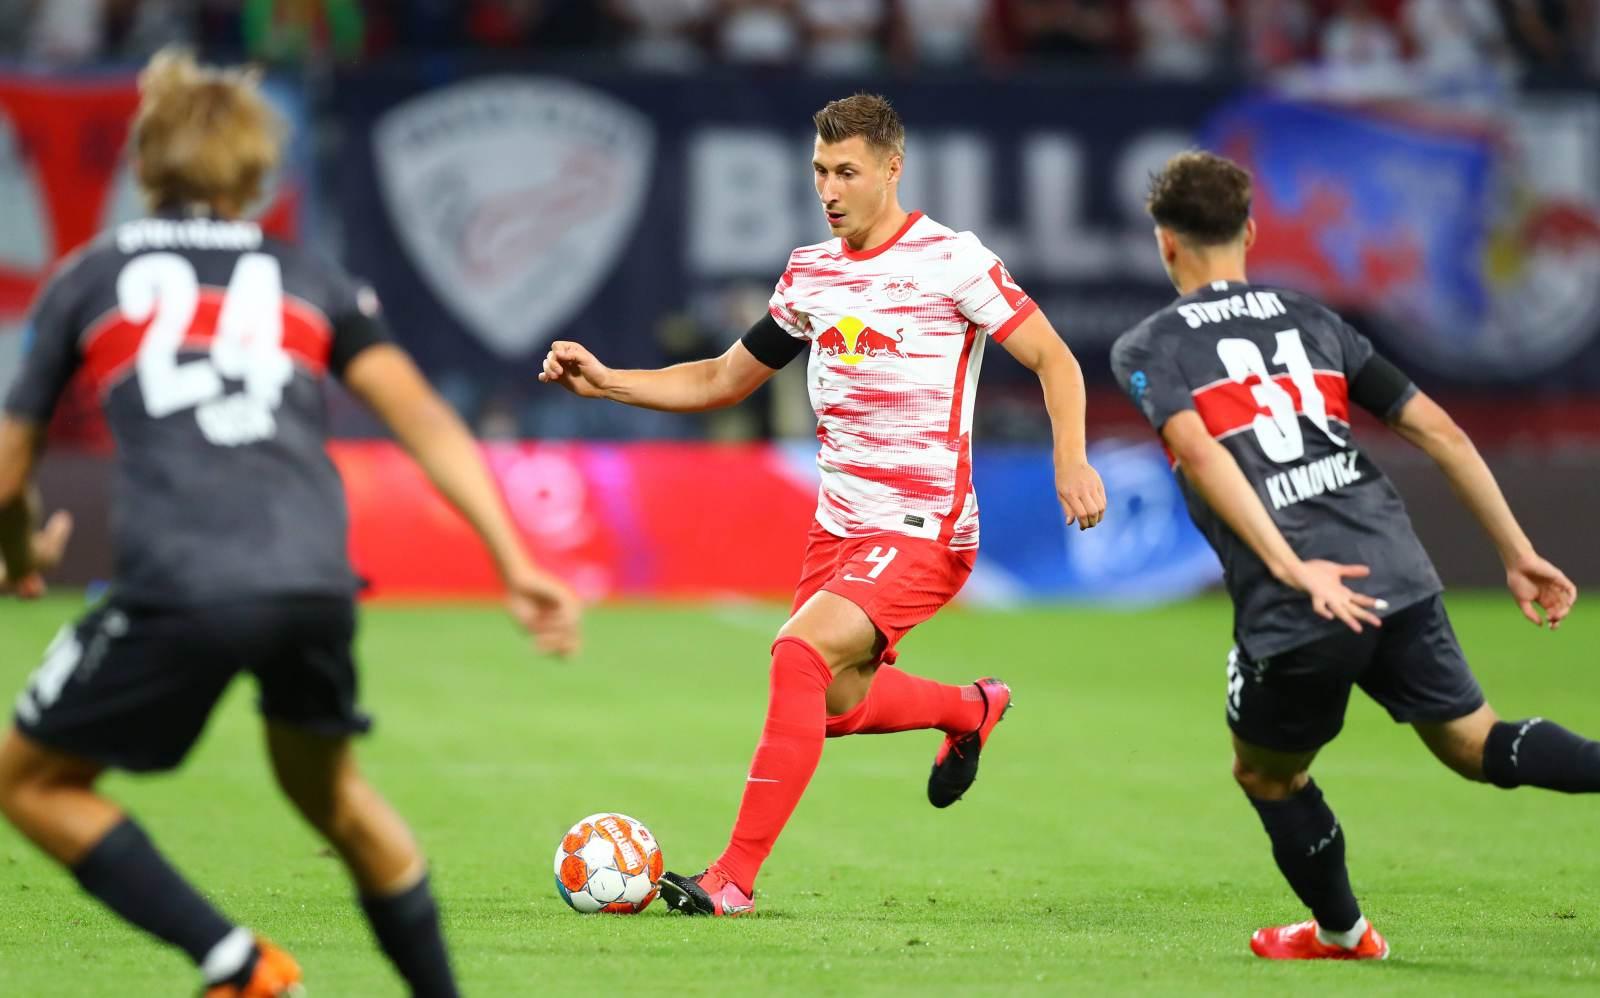 «РБ Лейпциг» - «Герта»: прогноз и ставка на матч чемпионата Германии – 25 сентября 2021